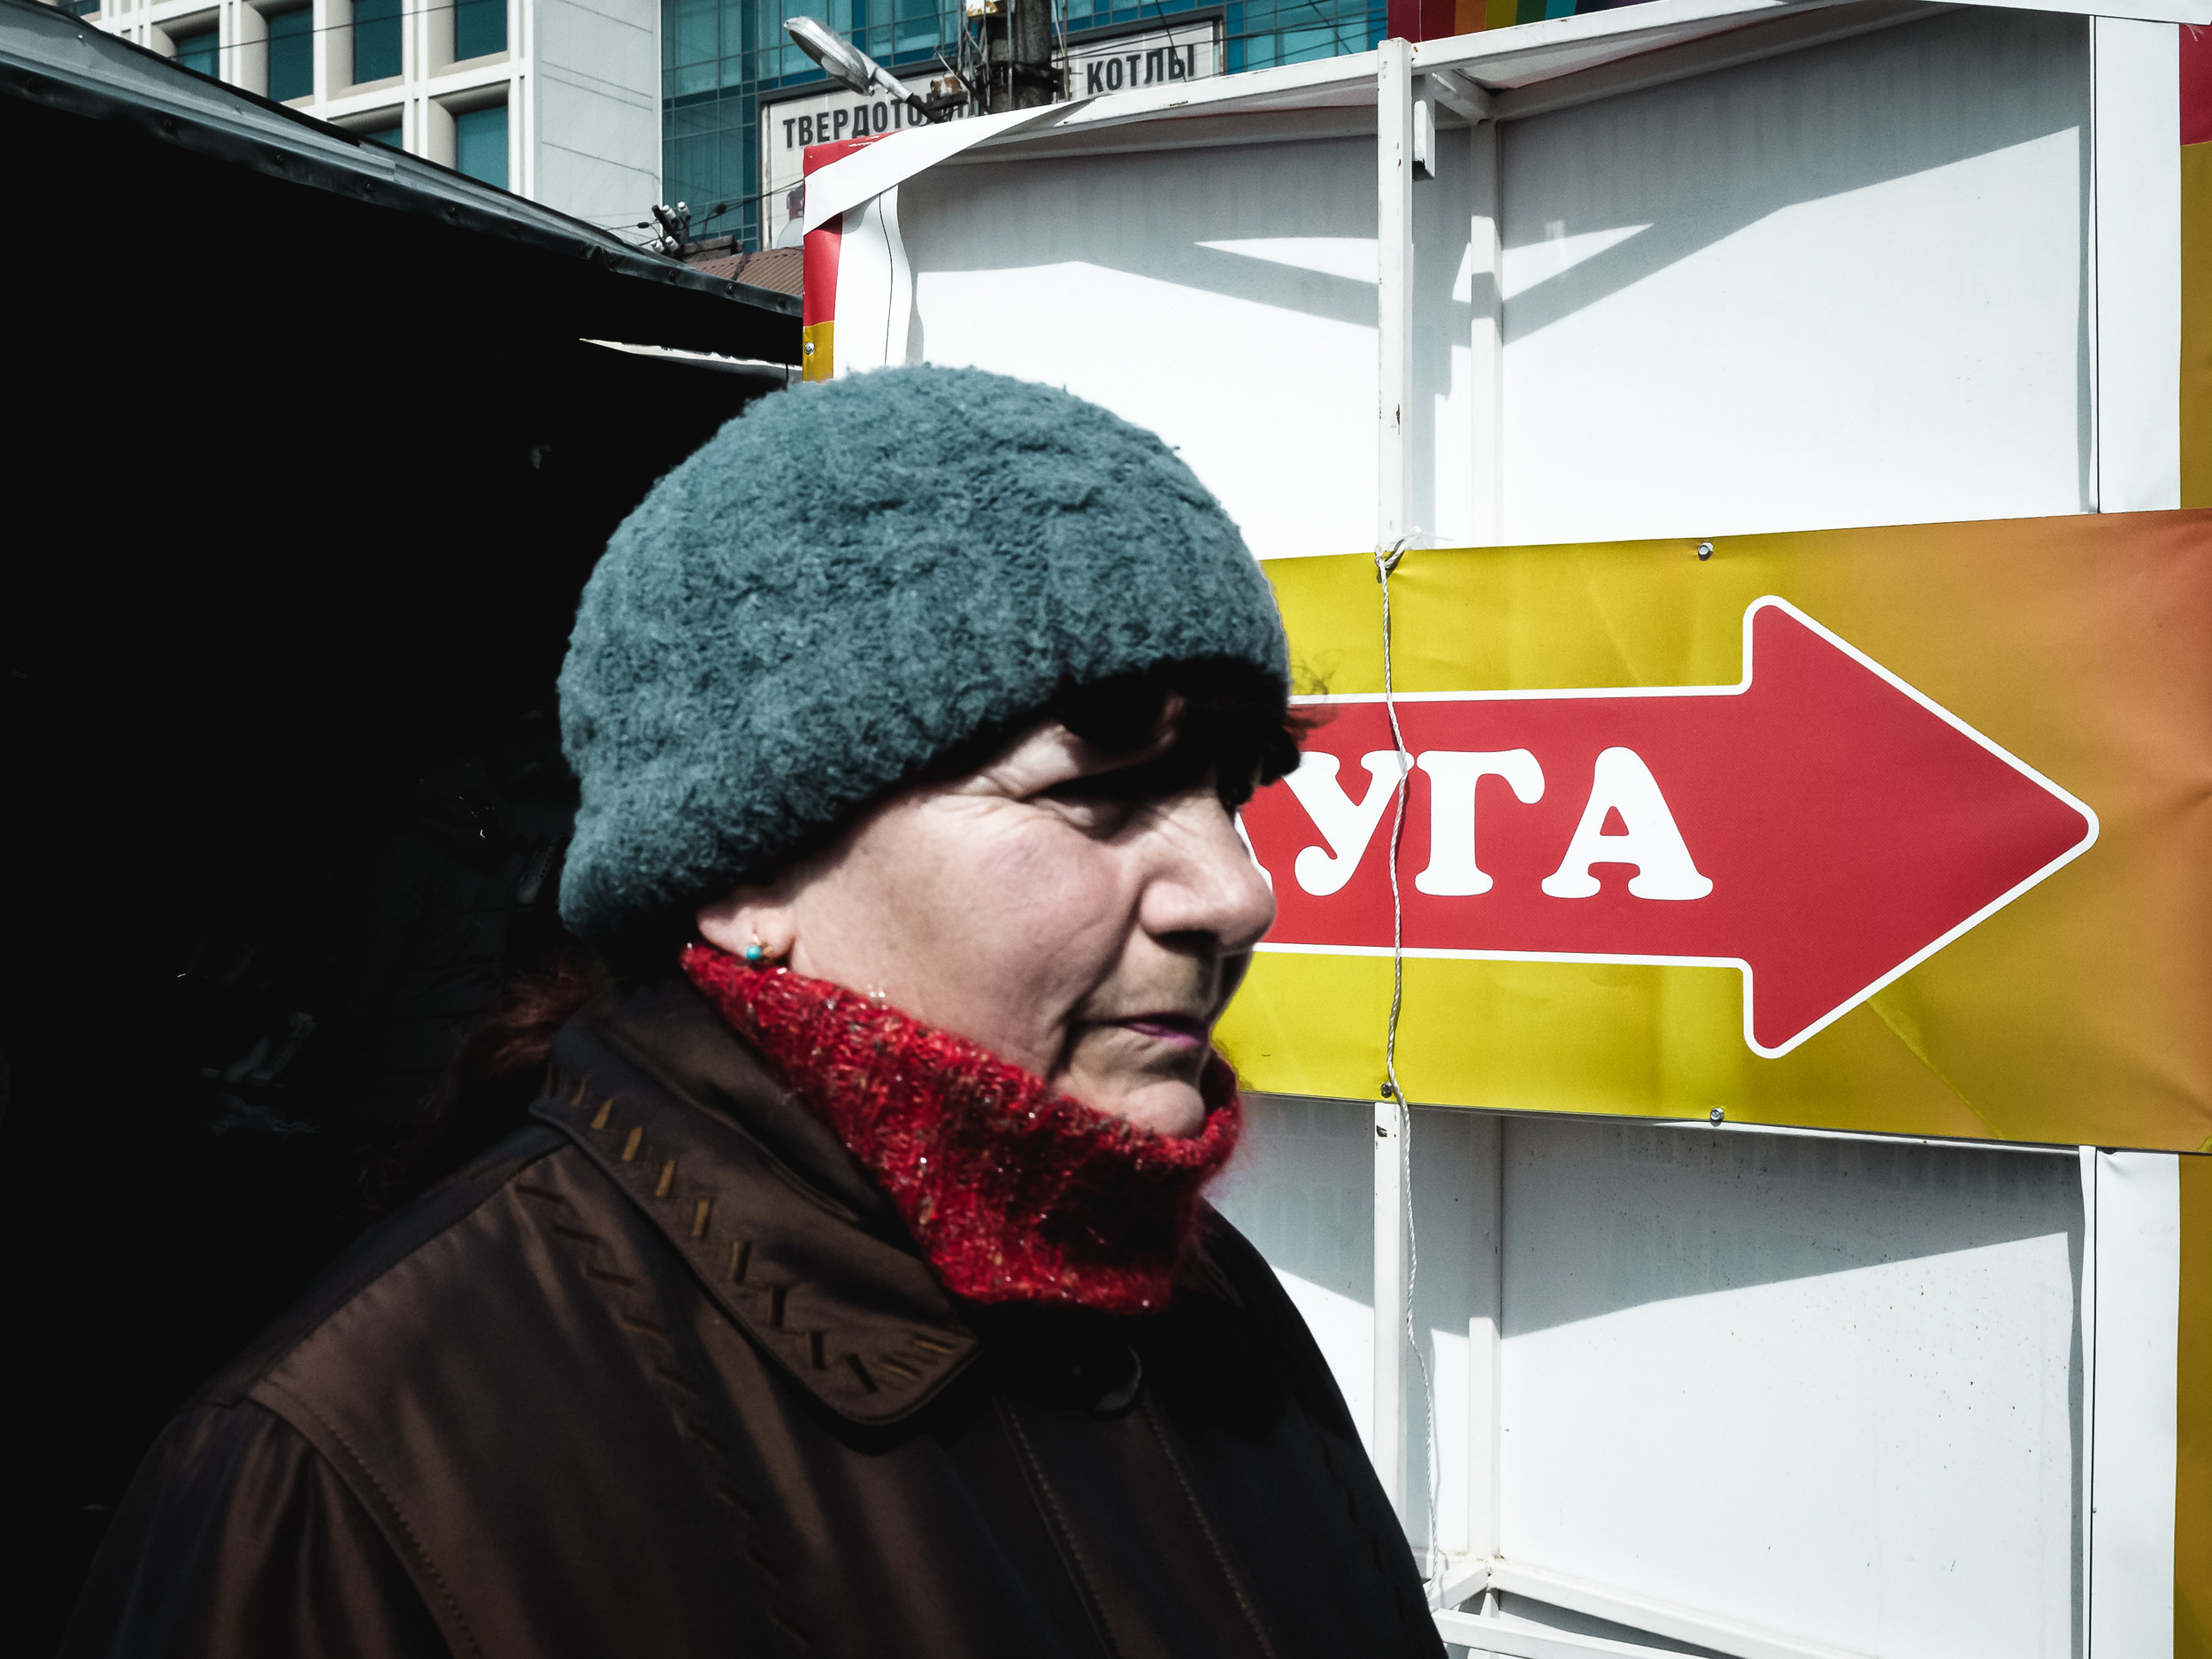 Γυναίκα στην αγορά Πριβόζ